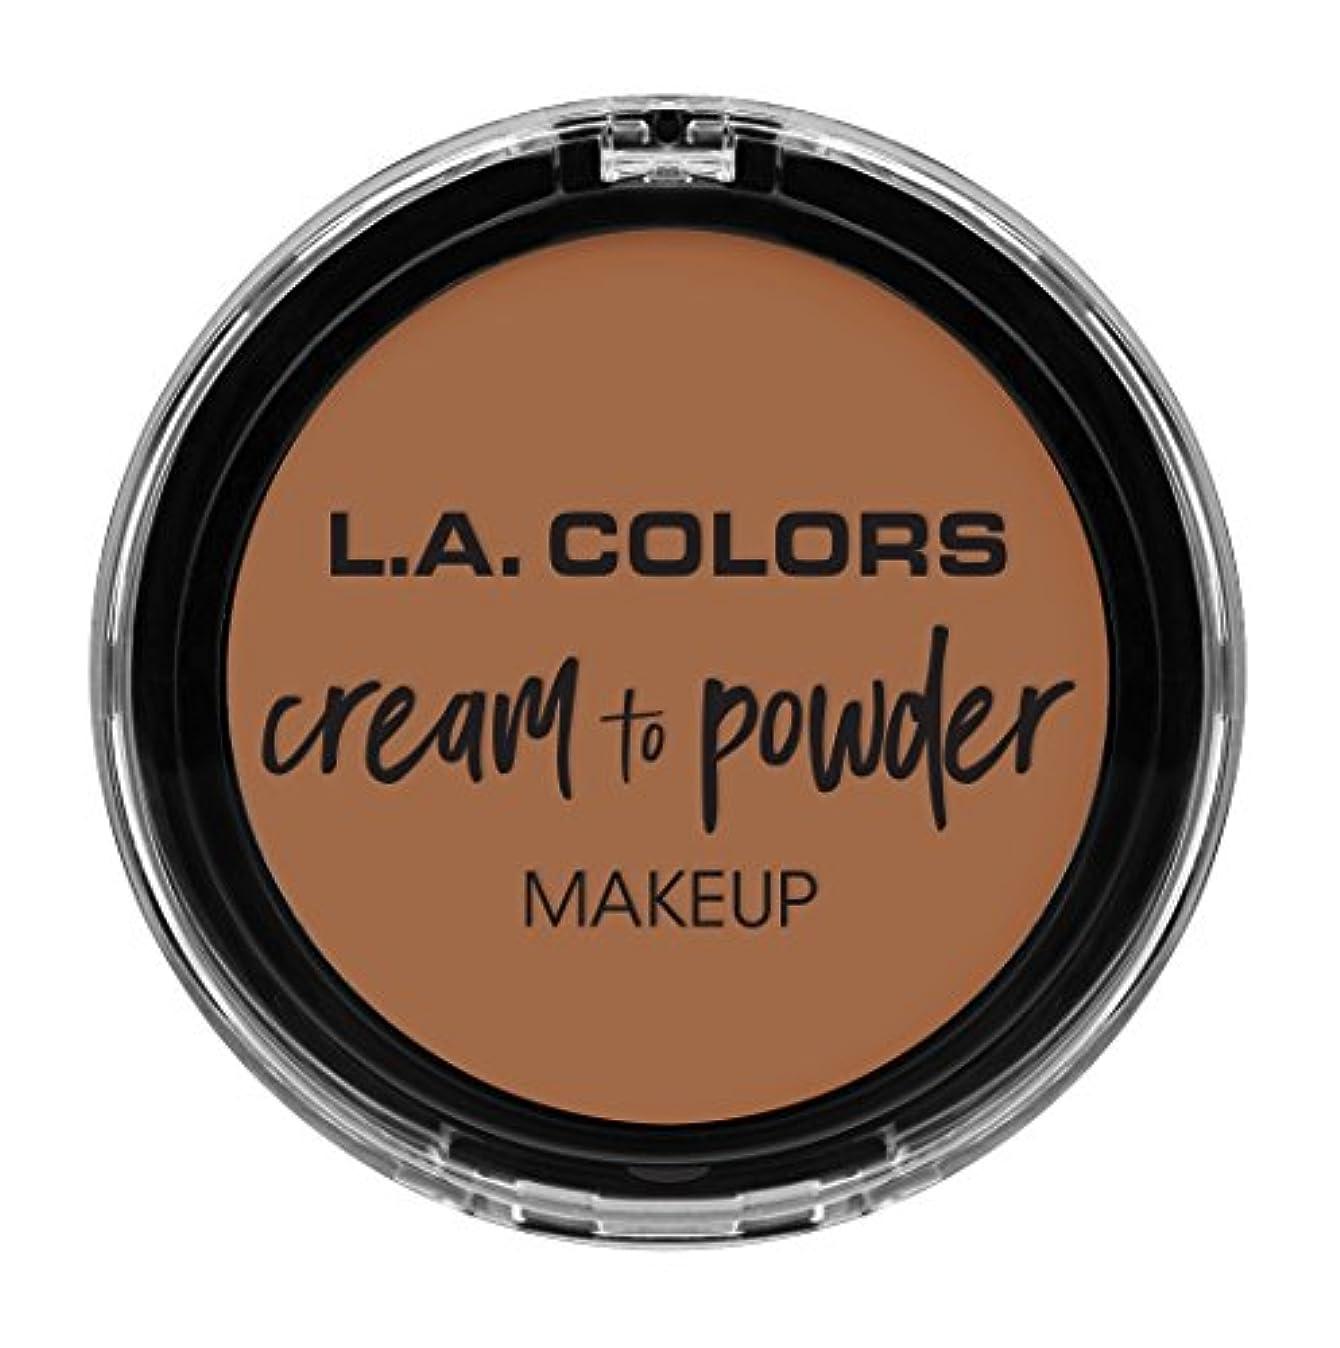 偽善者すり減る病気のL.A. COLORS Cream To Powder Foundation - Medium Beige (並行輸入品)